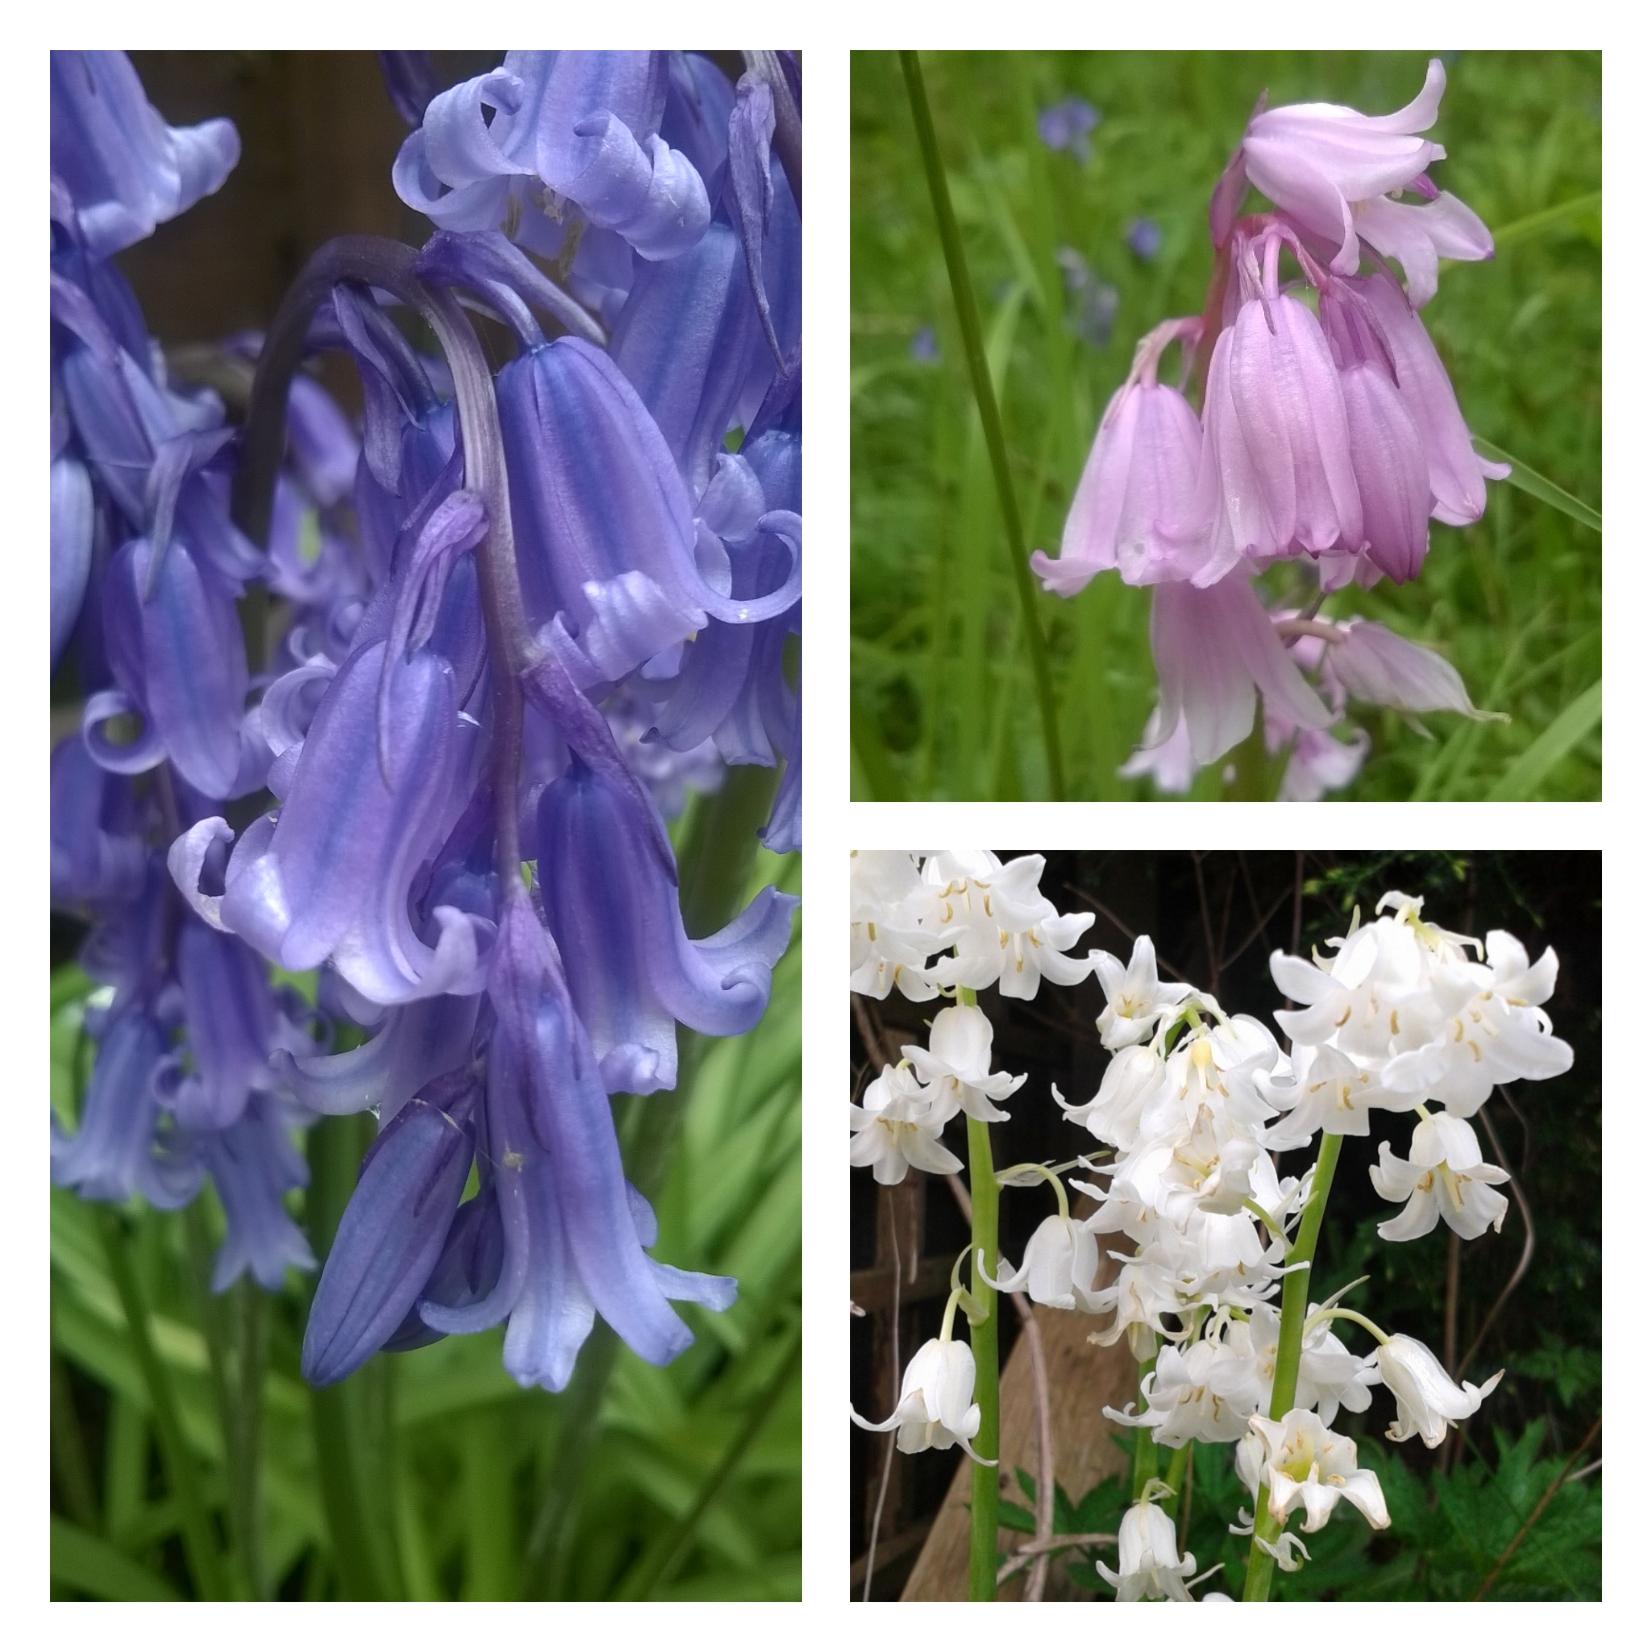 A Purple Swathe Of Bluebells Beauty In Blue The Last Krystallos